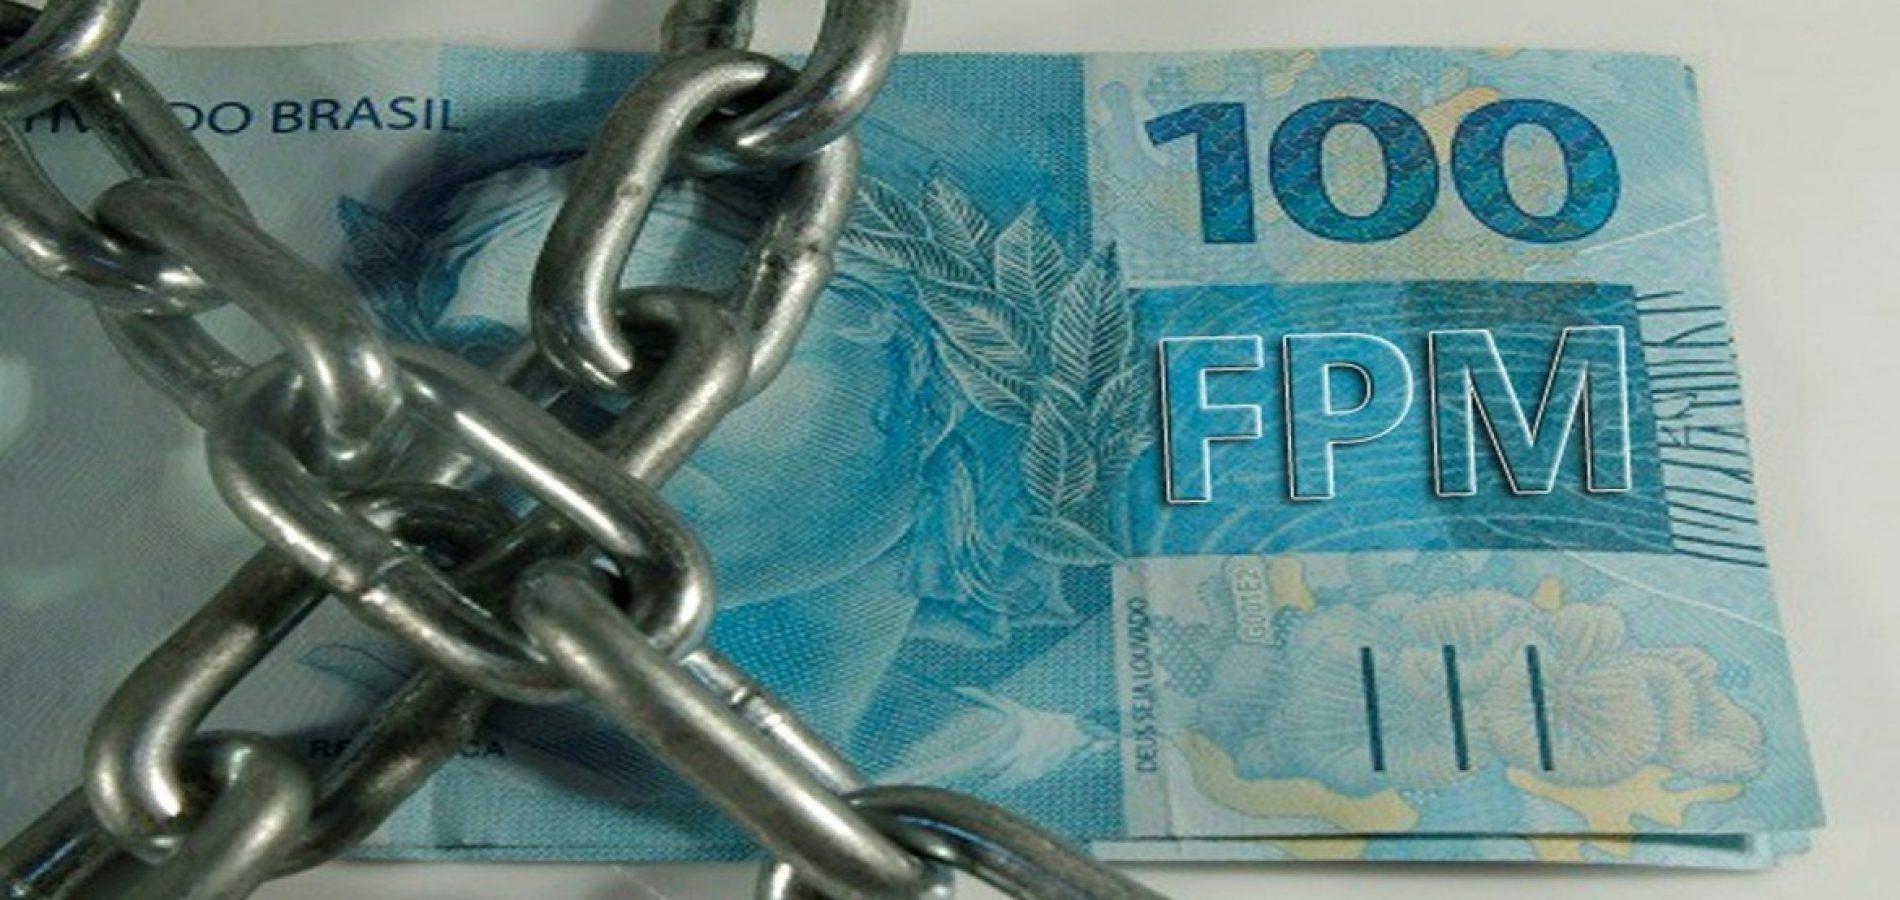 Oito municípios do Piauí tem recursos do FPM bloqueados; veja quais